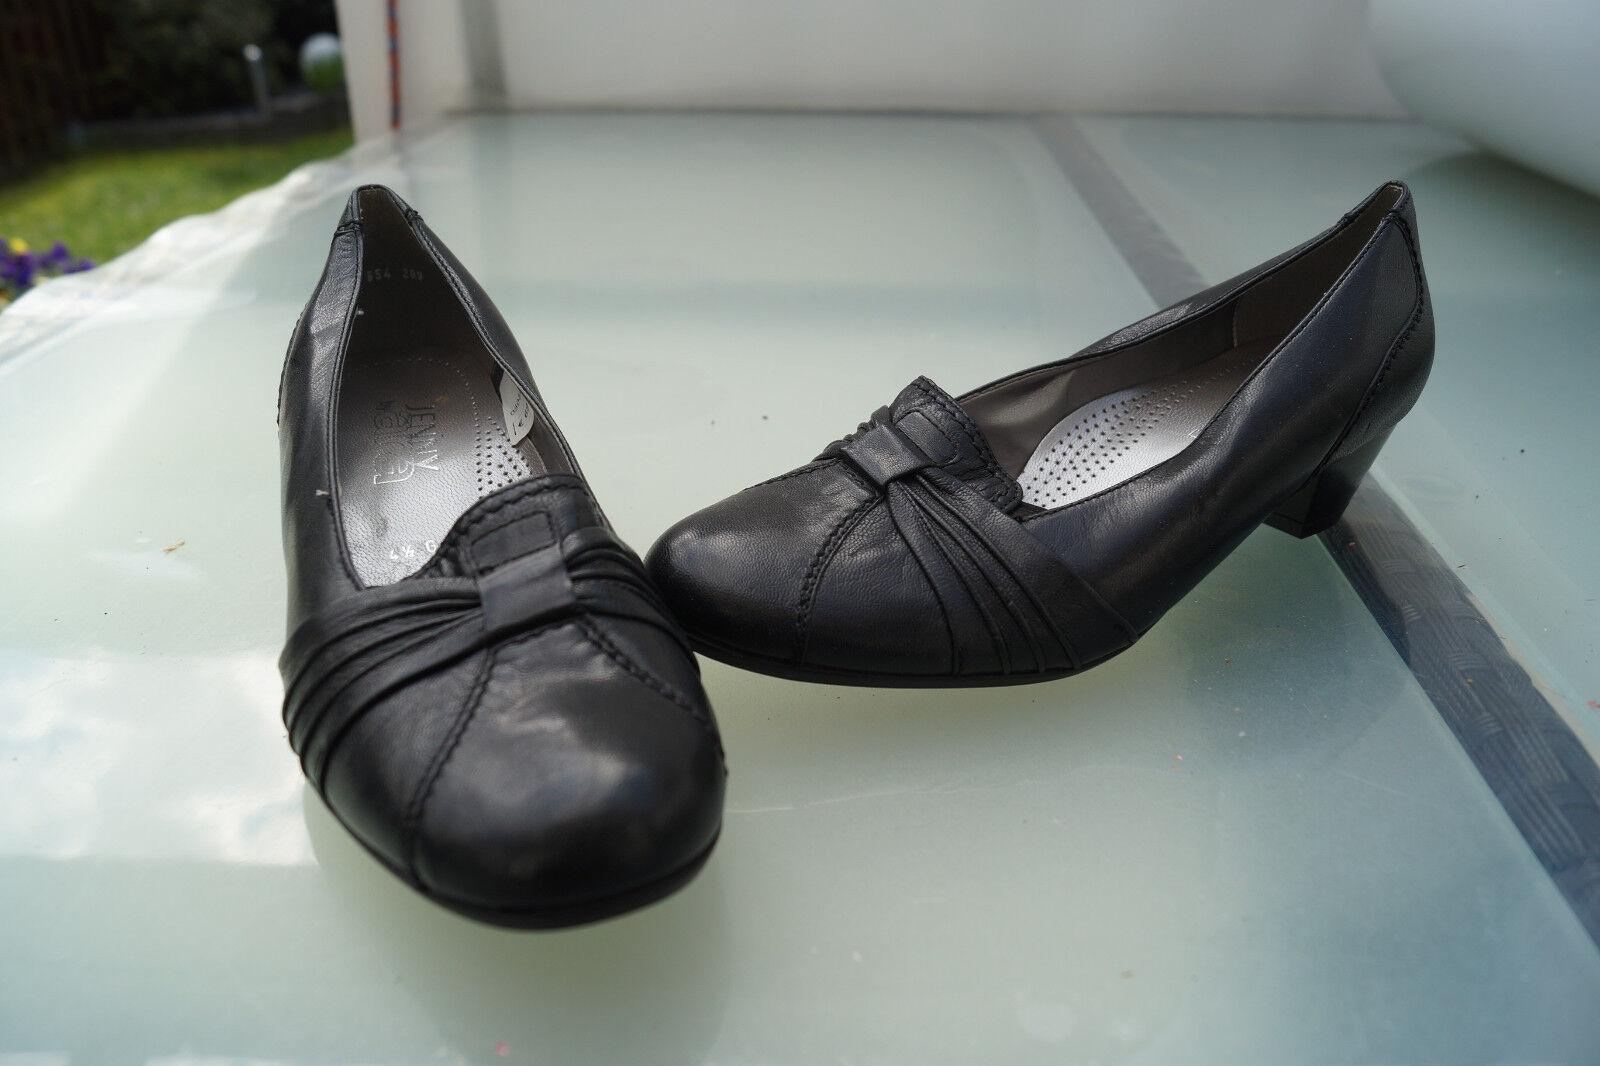 Schicke jenny by Pumps ARA Damen Schuhe Pumps by Leder leicht bequem Gr.4,5 G 37,5 NEU 7410e3